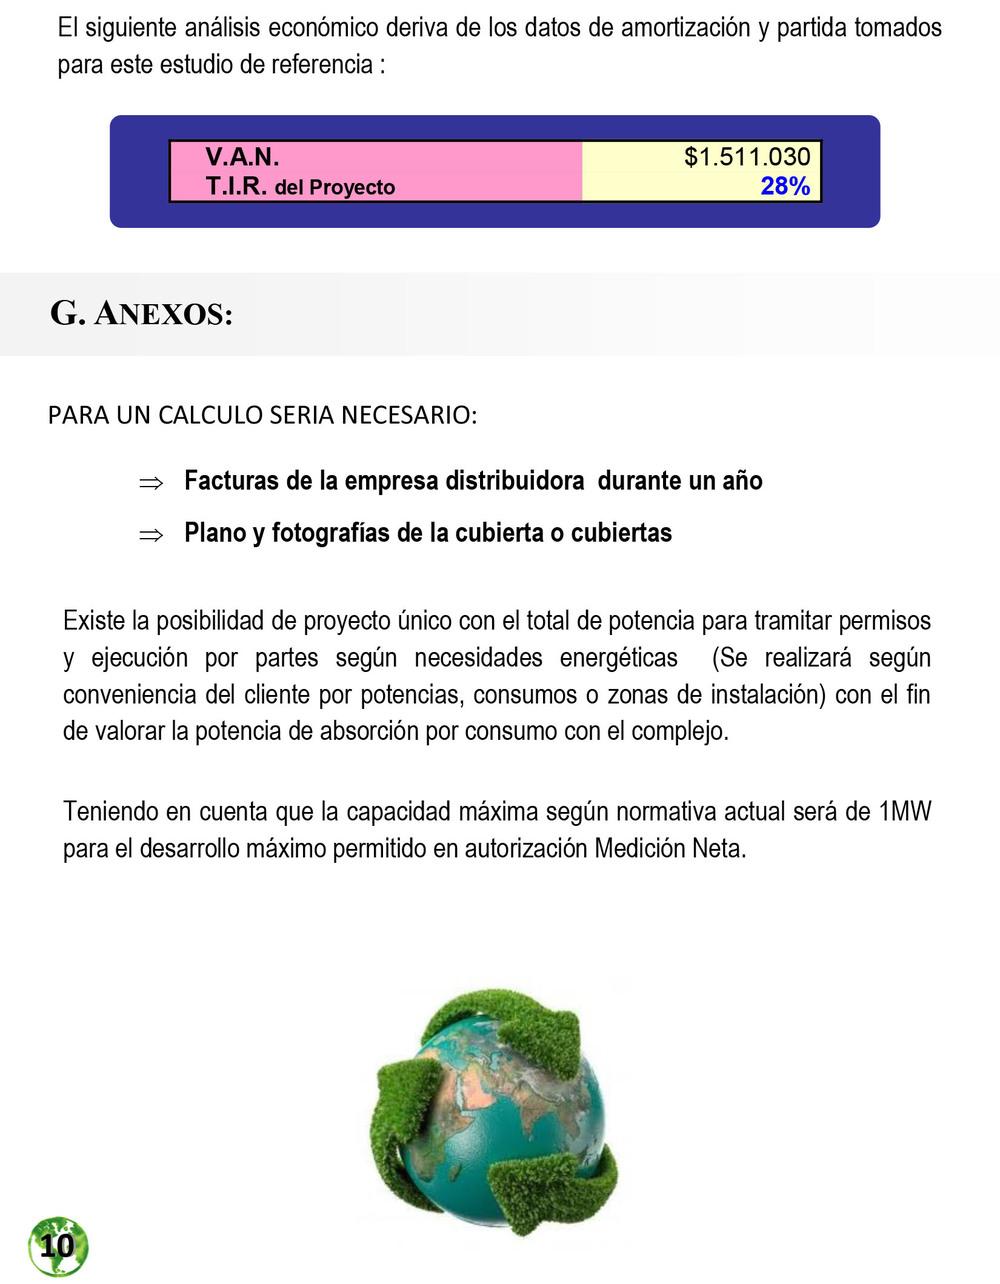 folleto 12-09-13-10.jpg